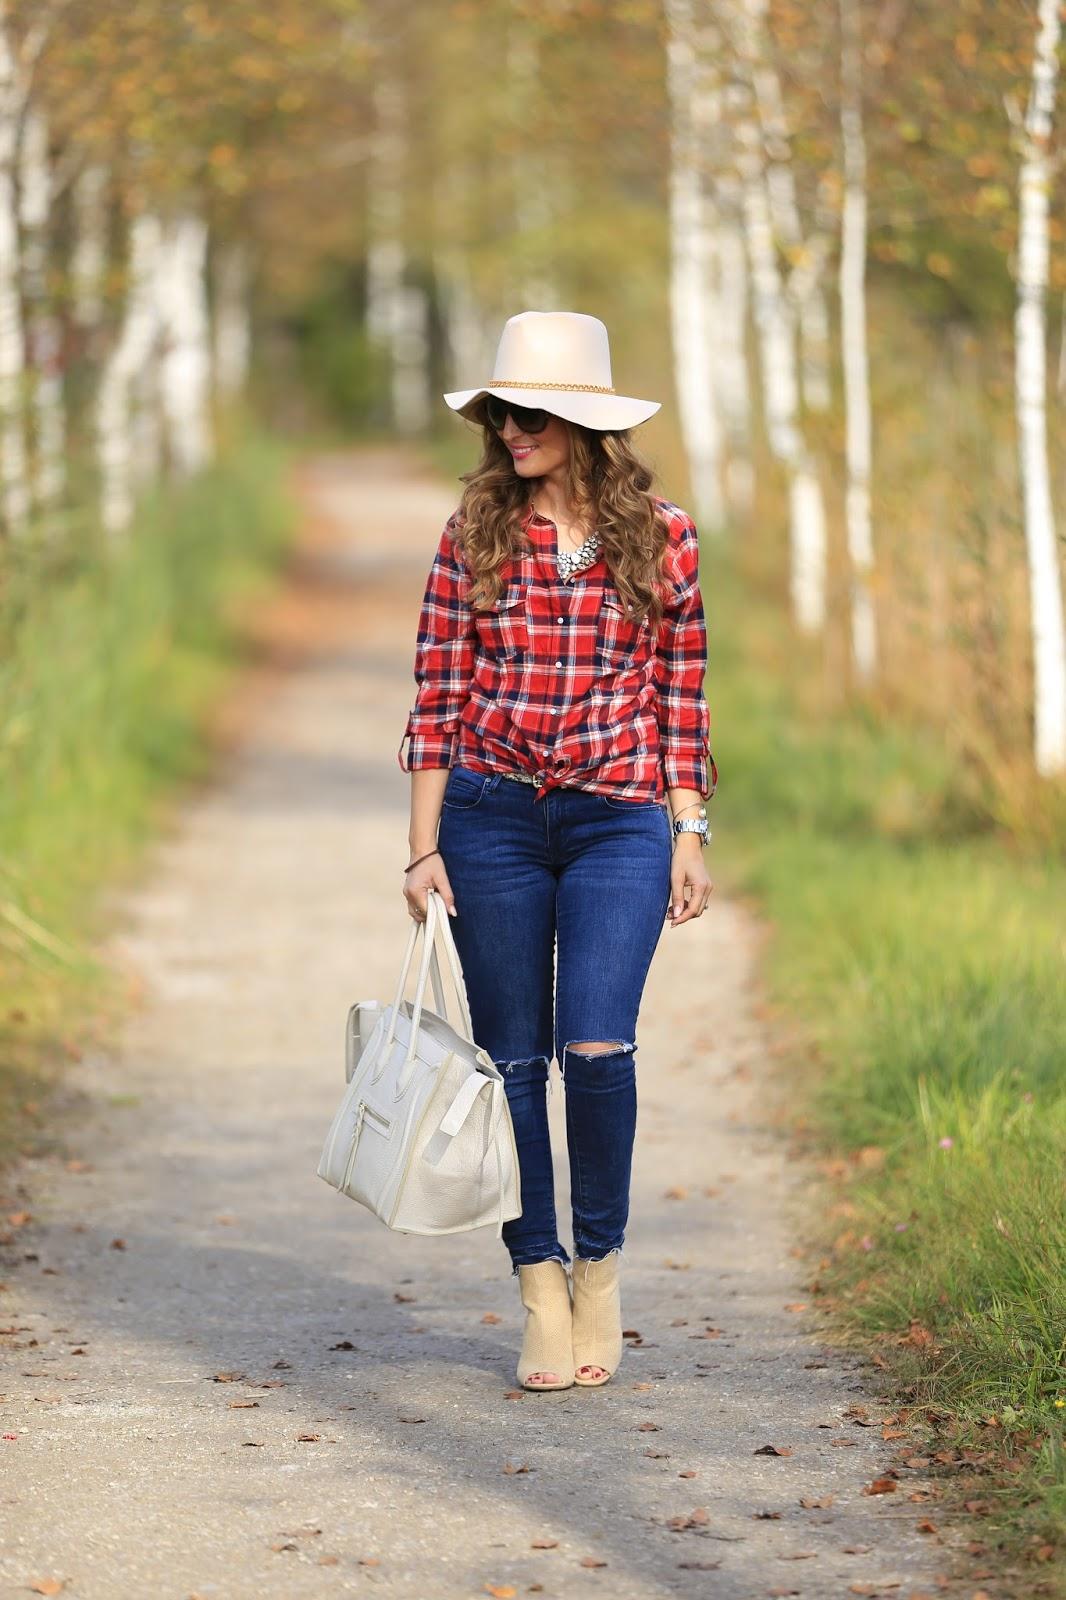 Fashionstylebyjohanna-Wie kann man ein Karohemd tragen- Herbstlook-Stiefletten-justFab-beige schuhe kombinieren-blogger-aus-Österreich-Blogger-im-Country-style-Celine-Bag-Lookalike-